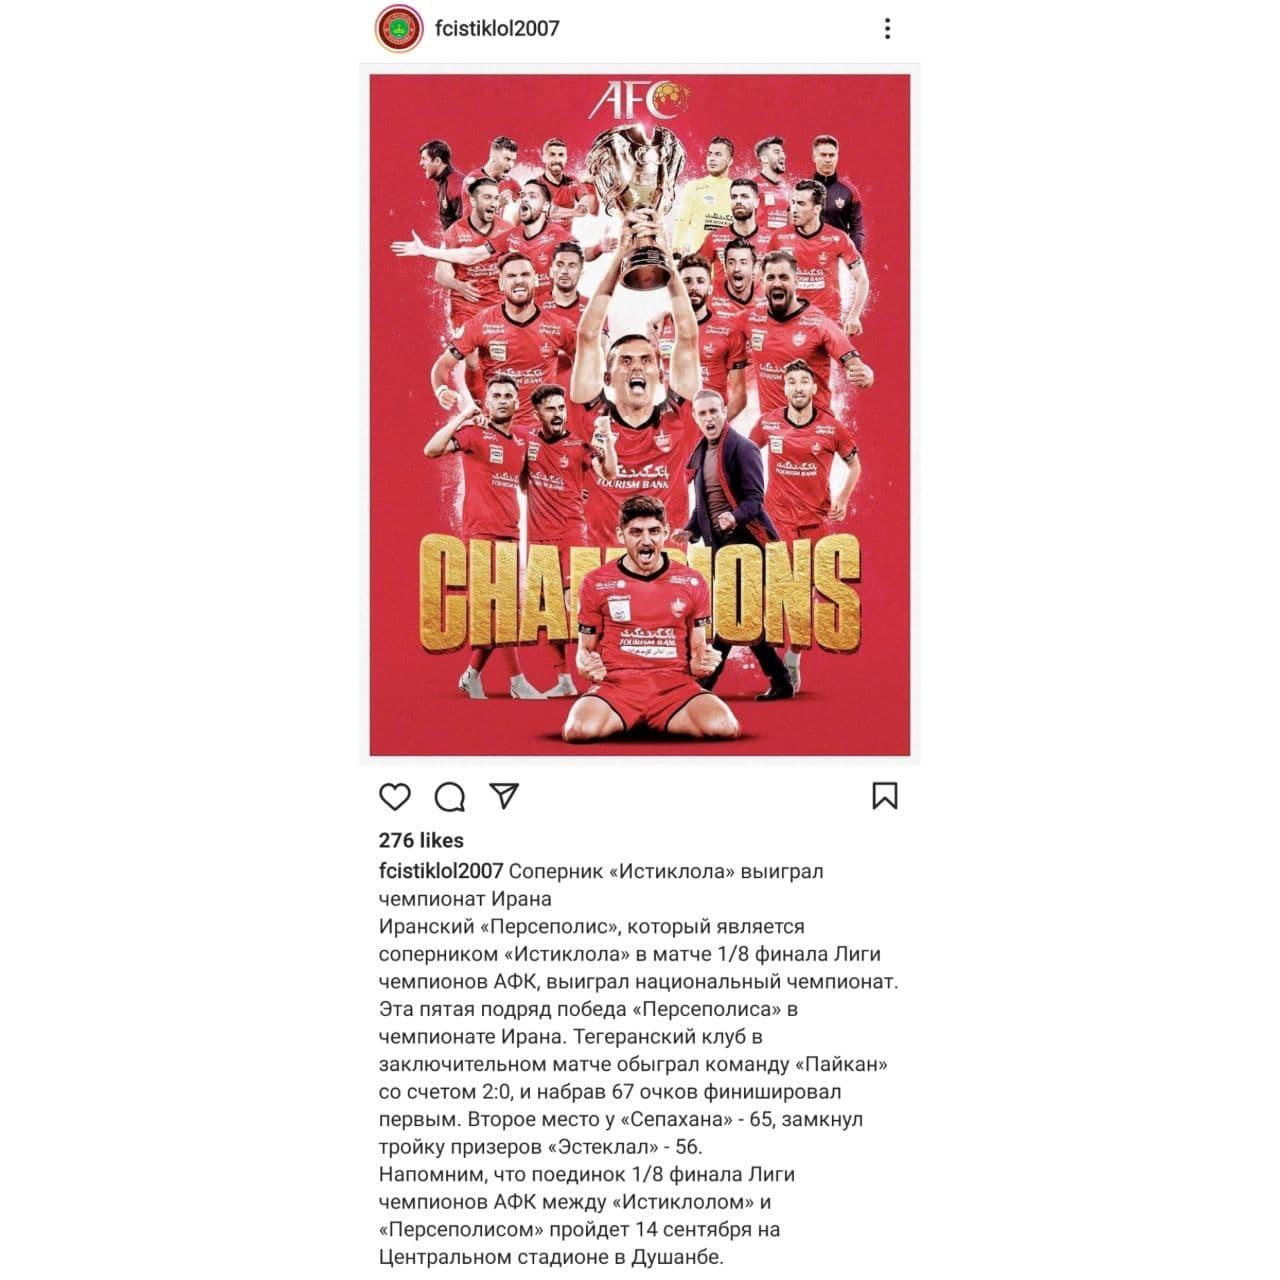 واکنش ها به پنجمین قهرمانی پرسپولیس در لیگ برتر